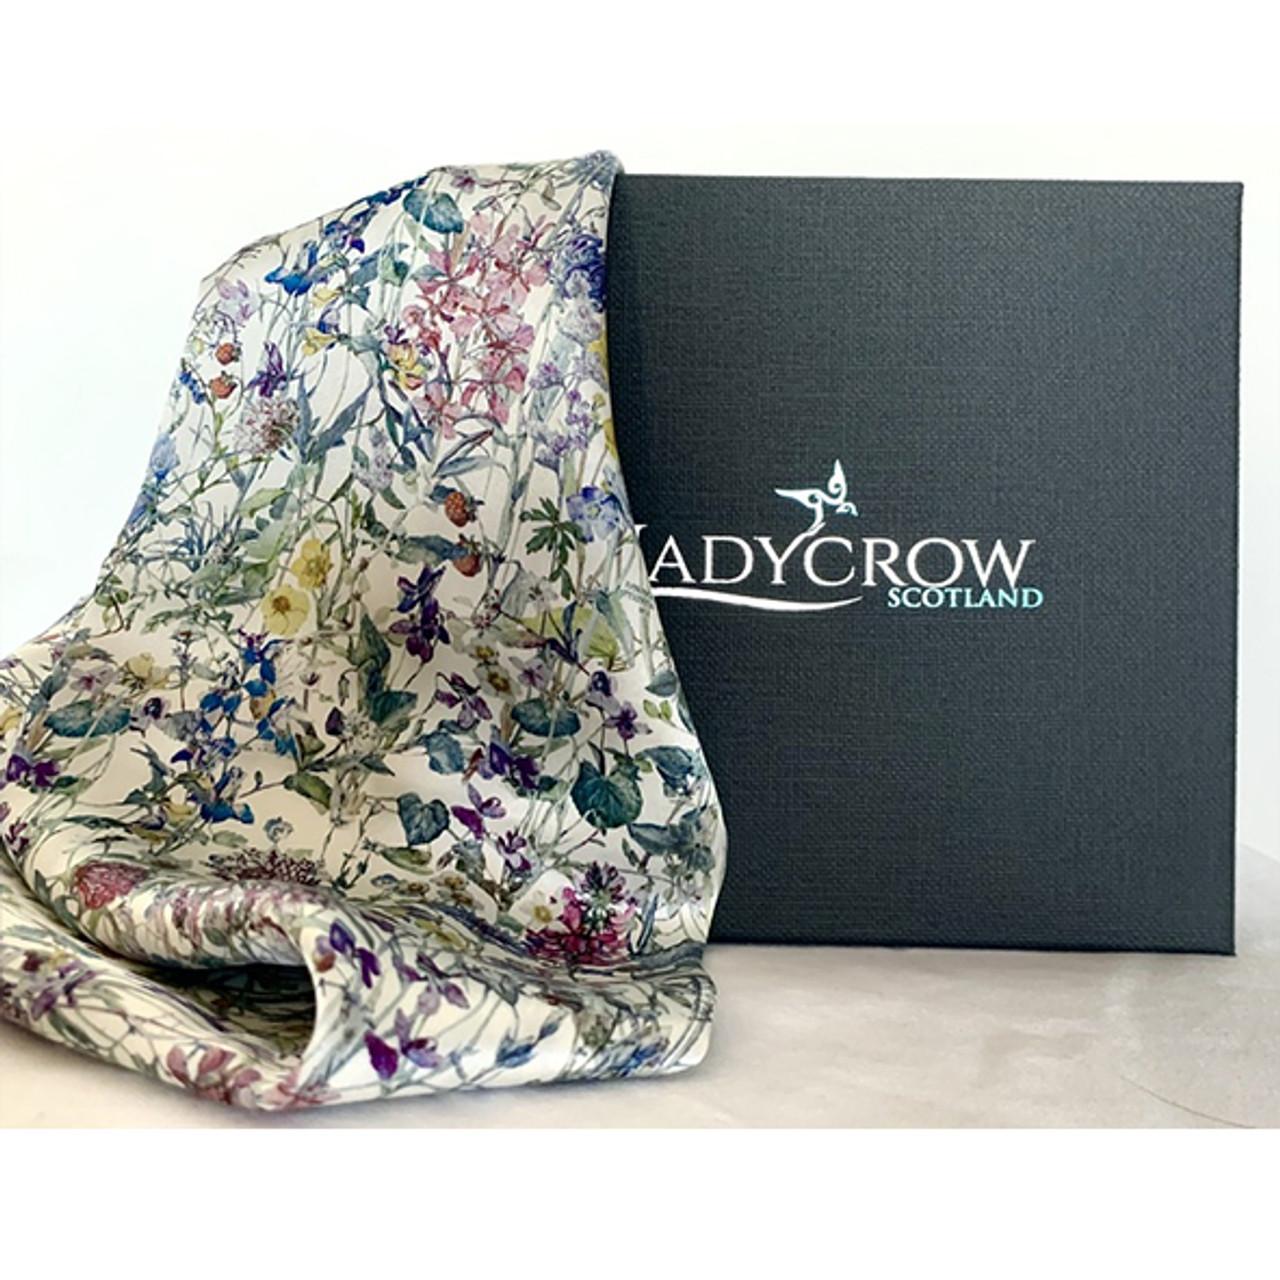 Pink Paisley Design Ladycrow Luxurious Liberty Silk Satin Scarf